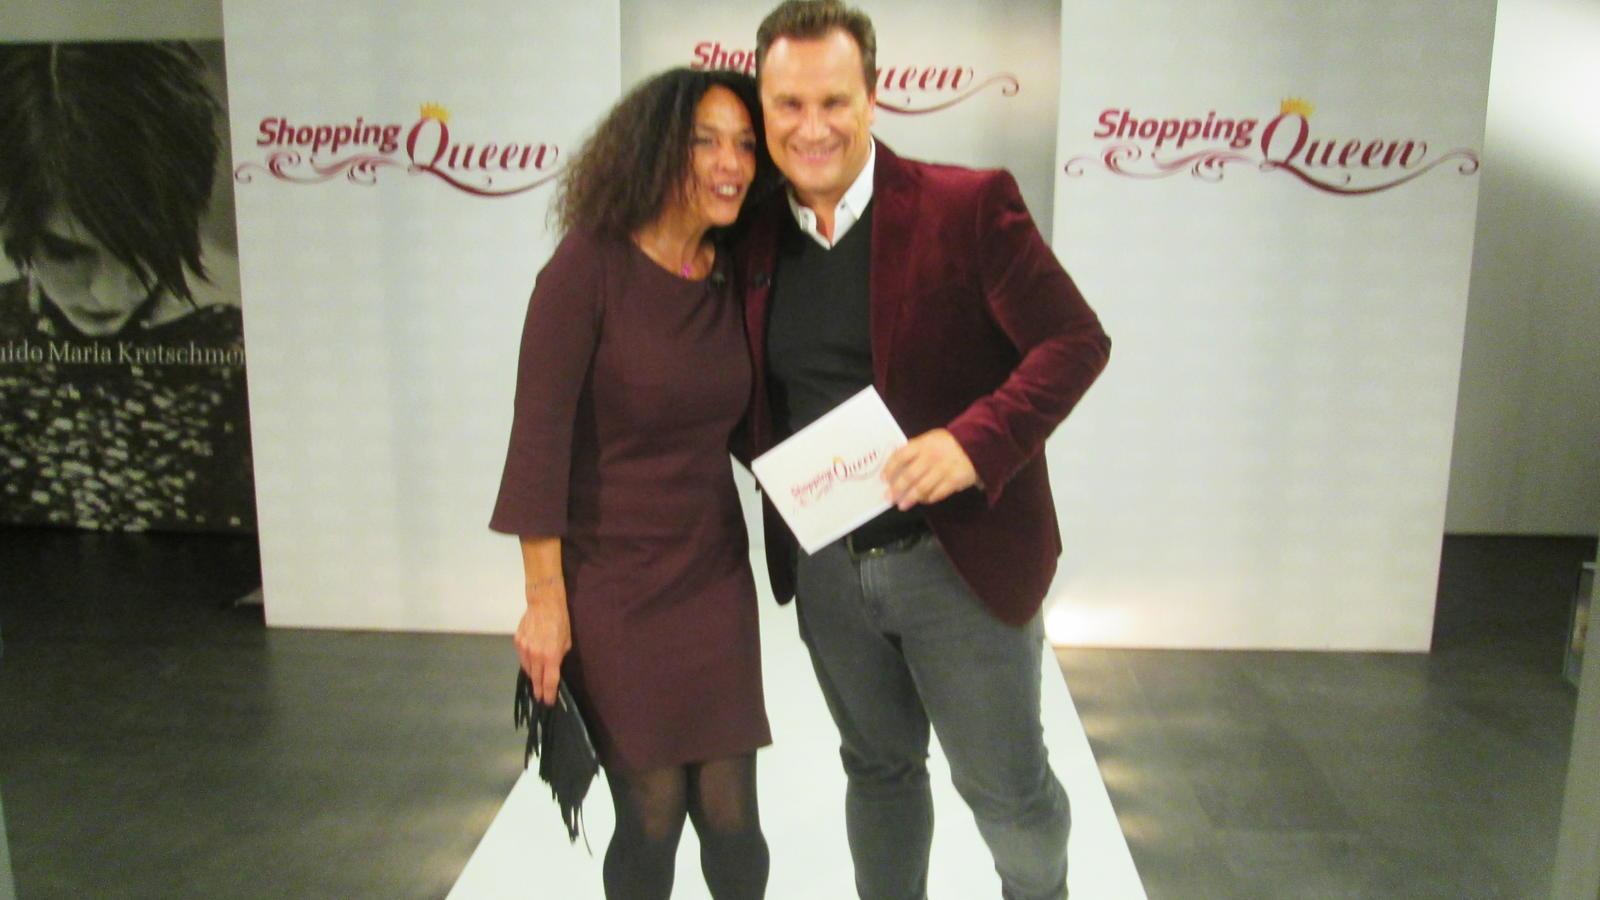 Shopping Queen Wer hat das perfekte Outfit fu00fcr einen Weihnachtsbrunch gefunden?